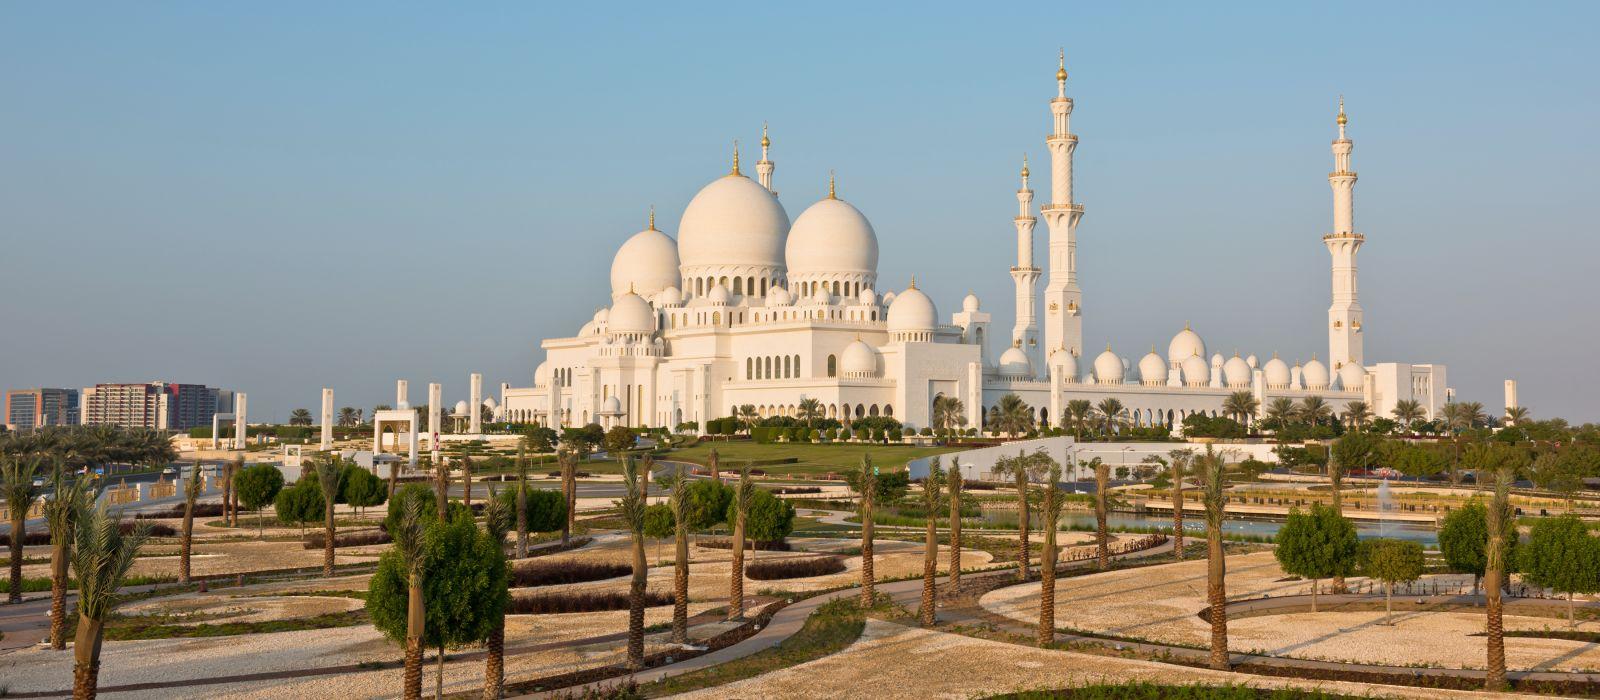 Blick auf die berühmte Sheikh Zayed White Mosque in Abu Dhabi, VAE